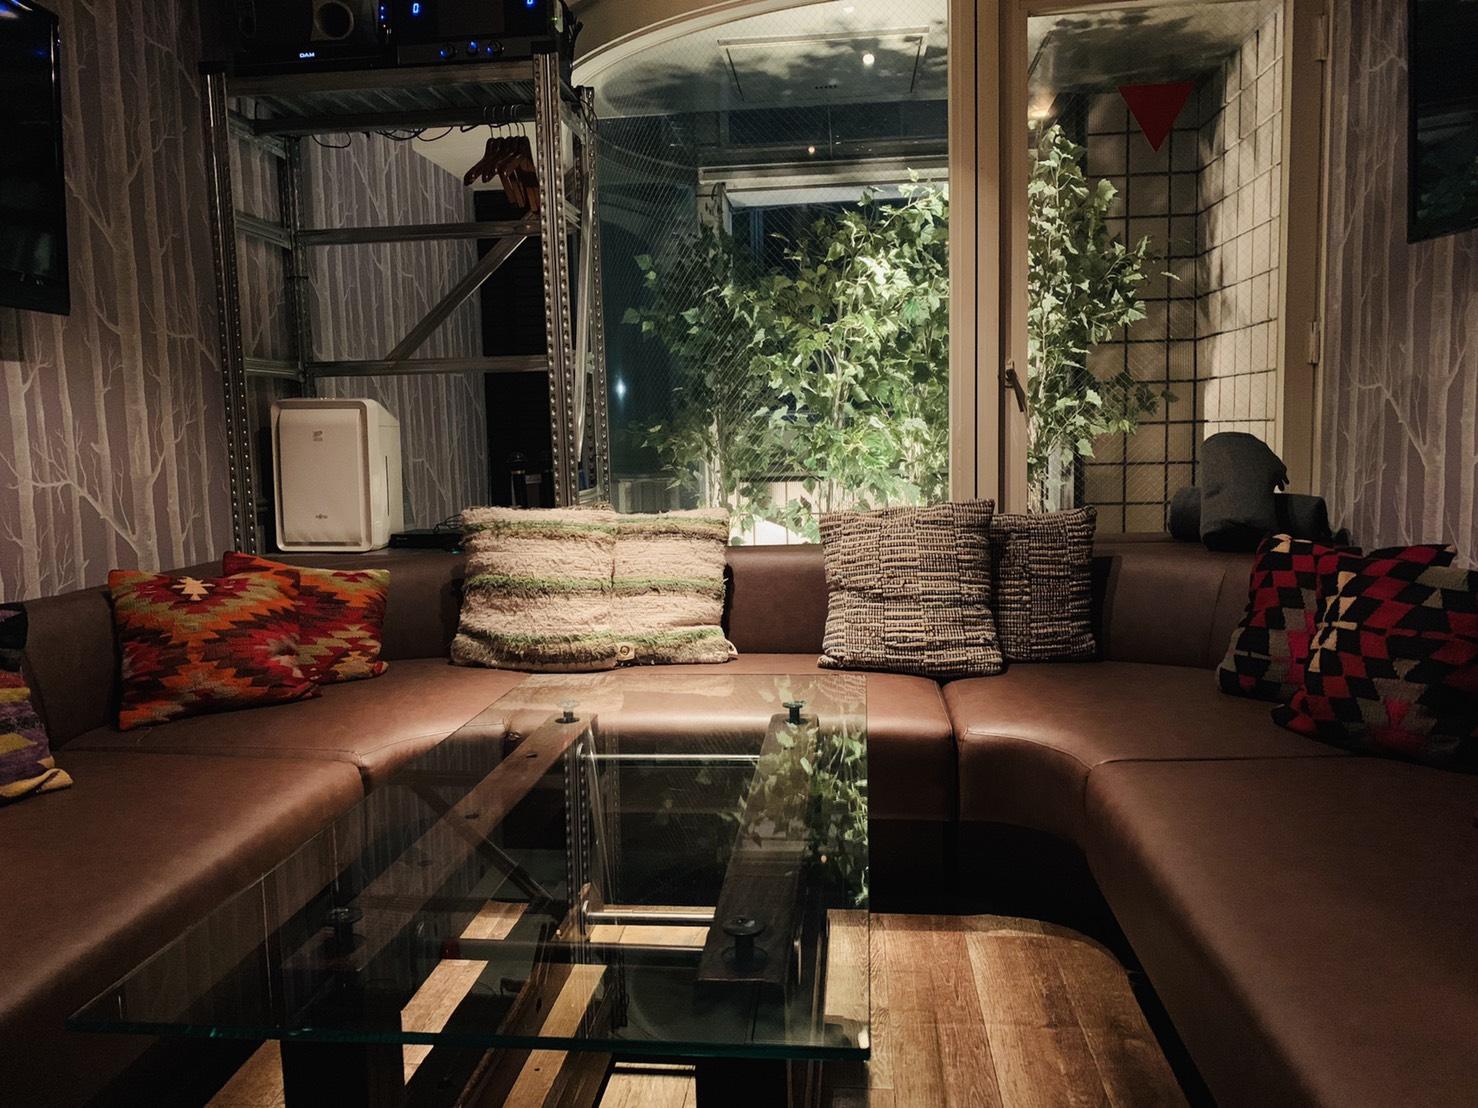 ラズル-西麻布‐Razzle | お洒落な大人の雰囲気漂う完全個室Bar